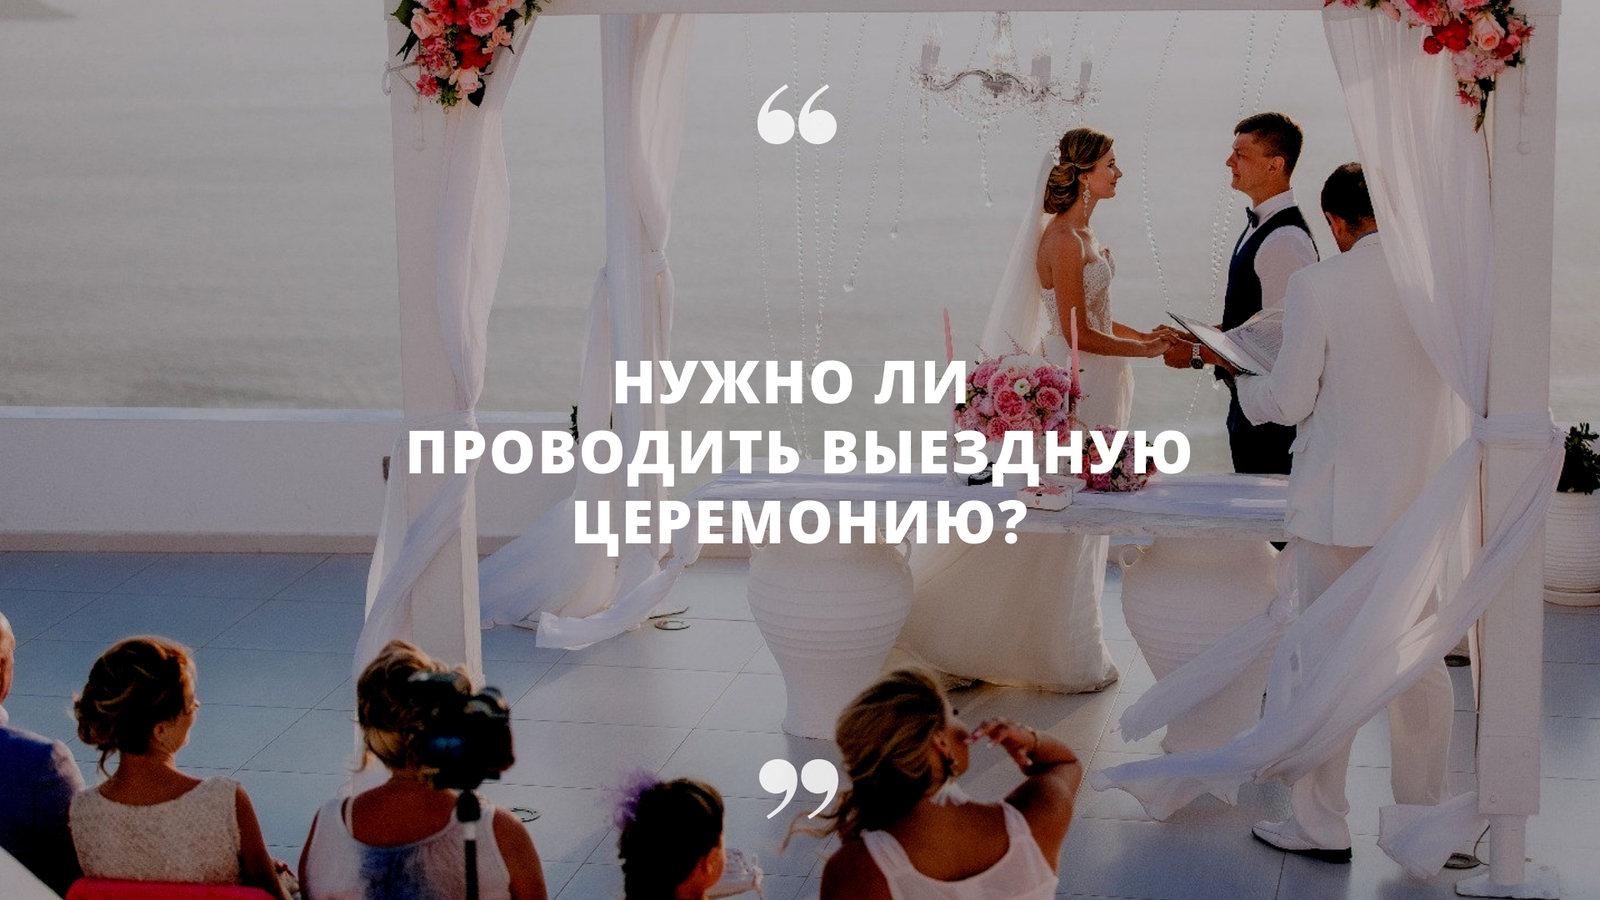 «Нужно ли проводить выездную церемонию?»